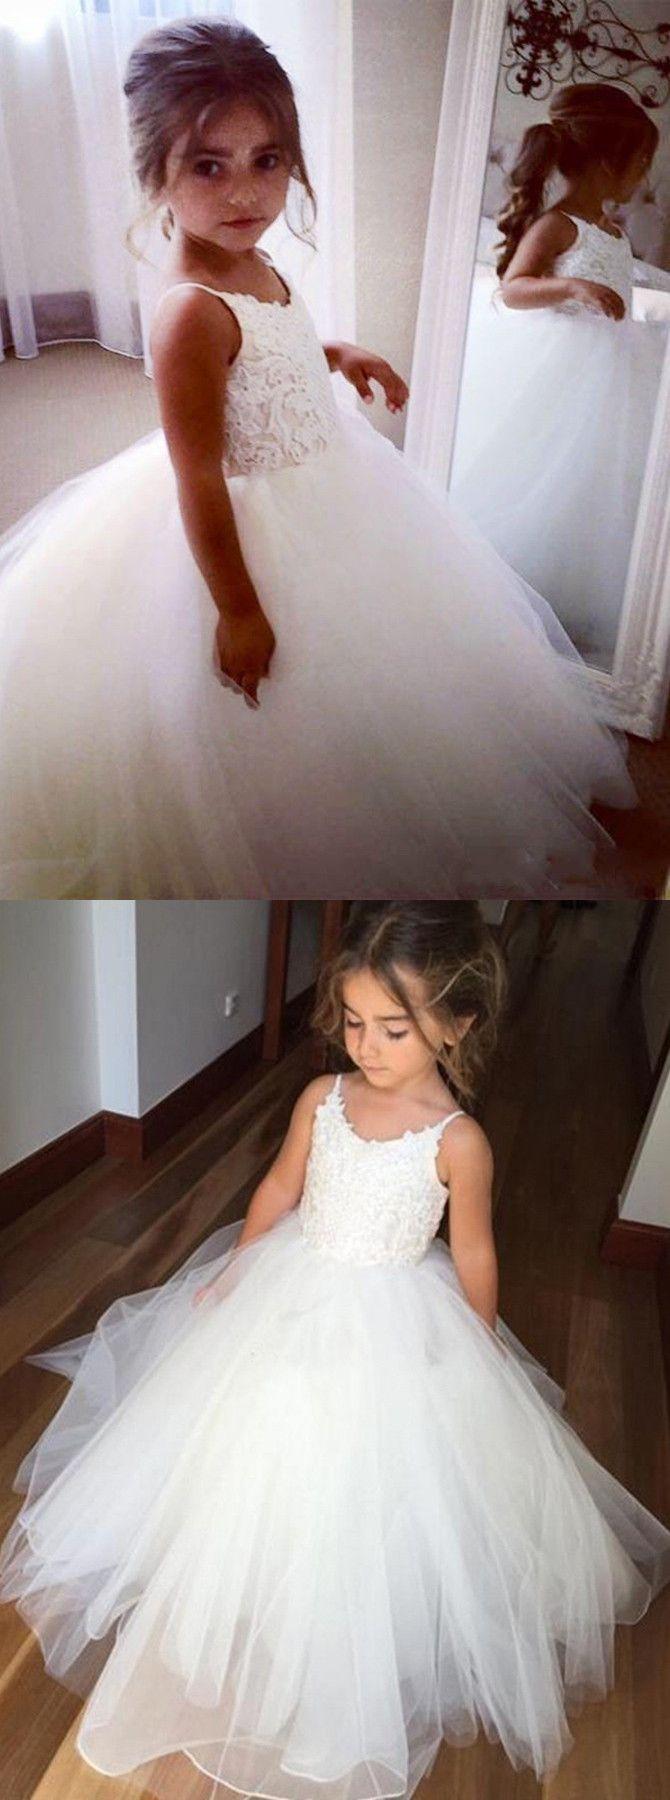 tutu flower girl dresses,lace flower girl dresses,vintage flower girl dresses,tulle flower girl dresses